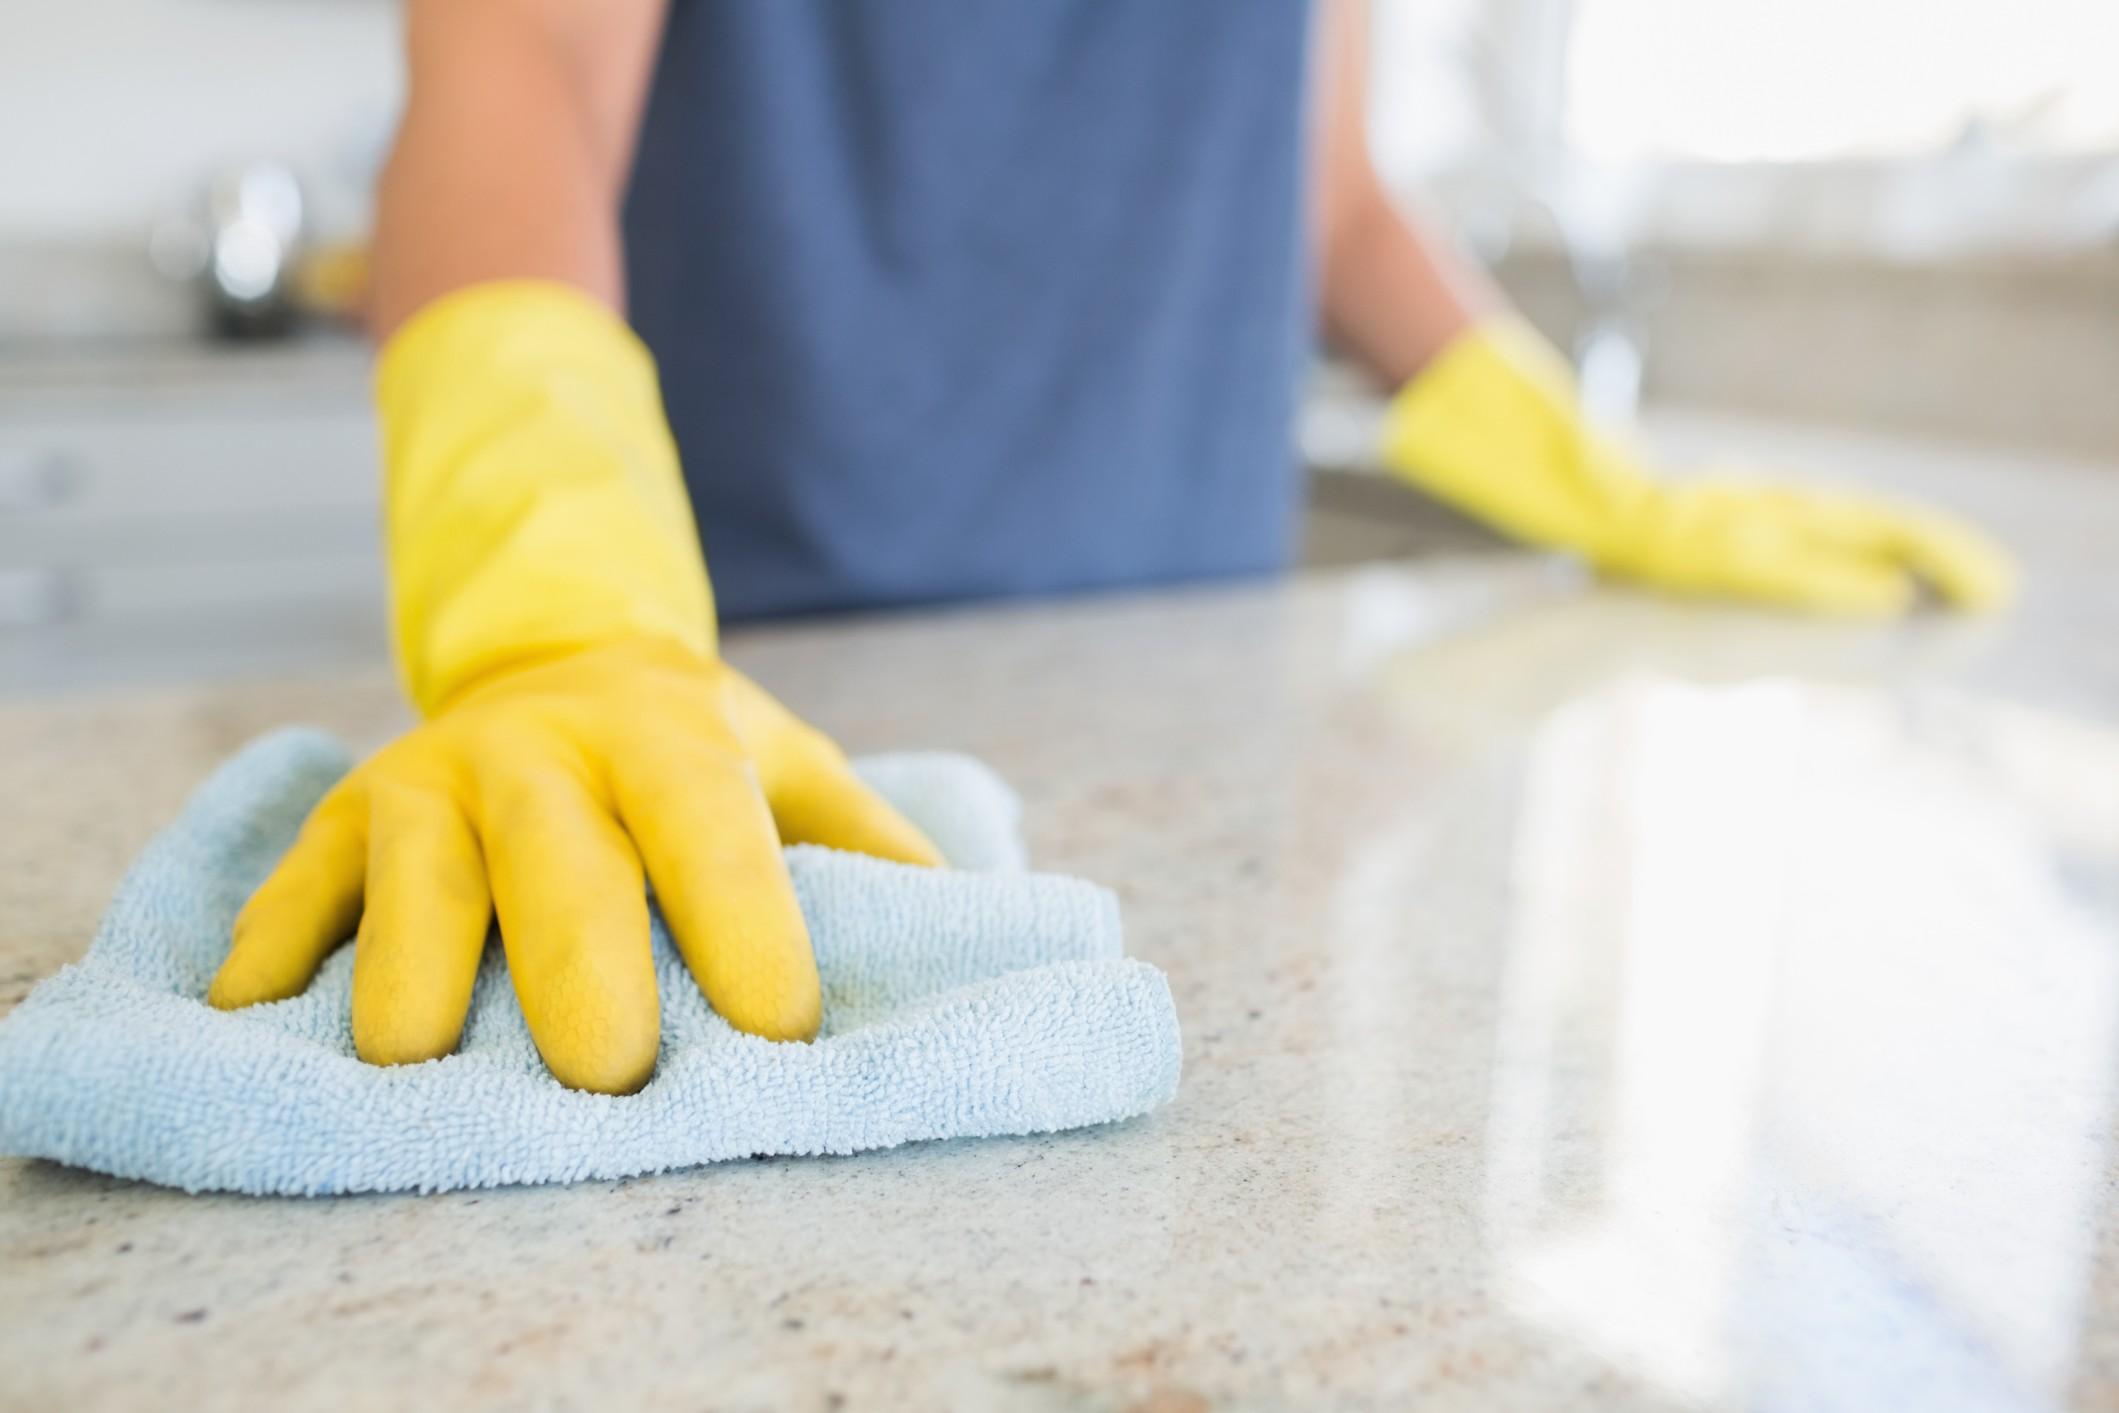 I 10 posti più sporchi della casa